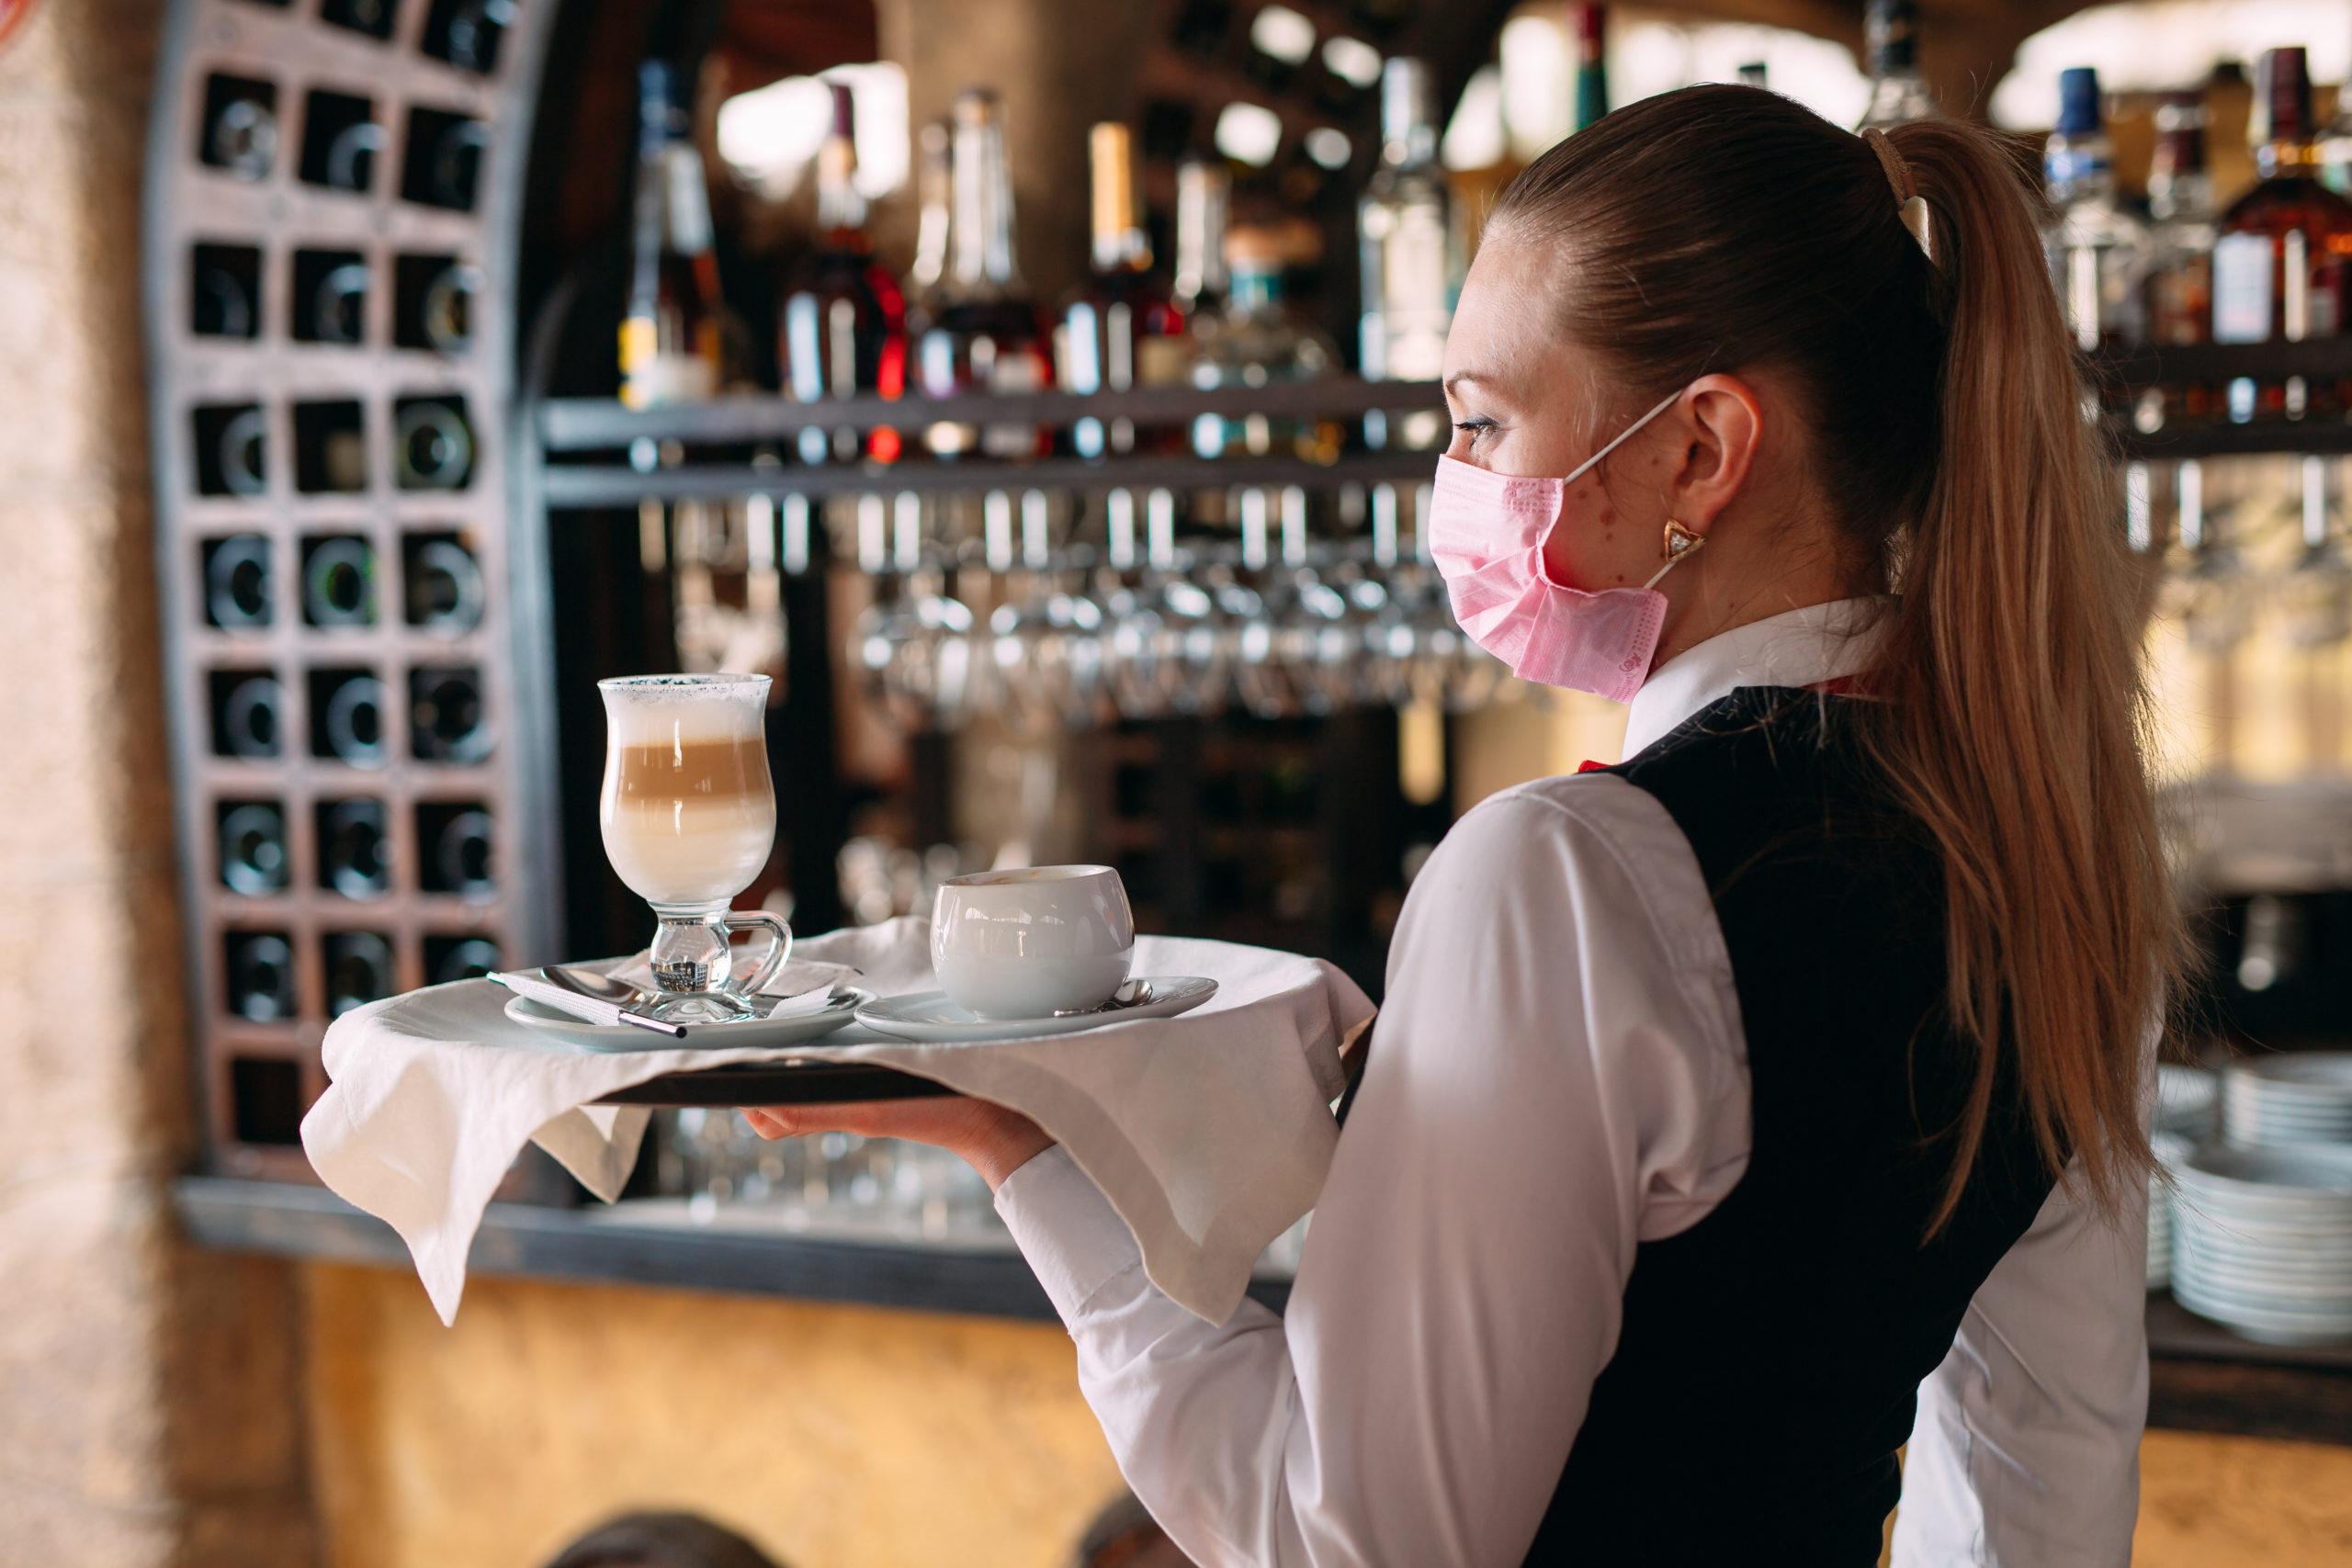 Ristoranti e bar: ad un mese dalla riapertura, incassi ancora dimezzati - WineNews